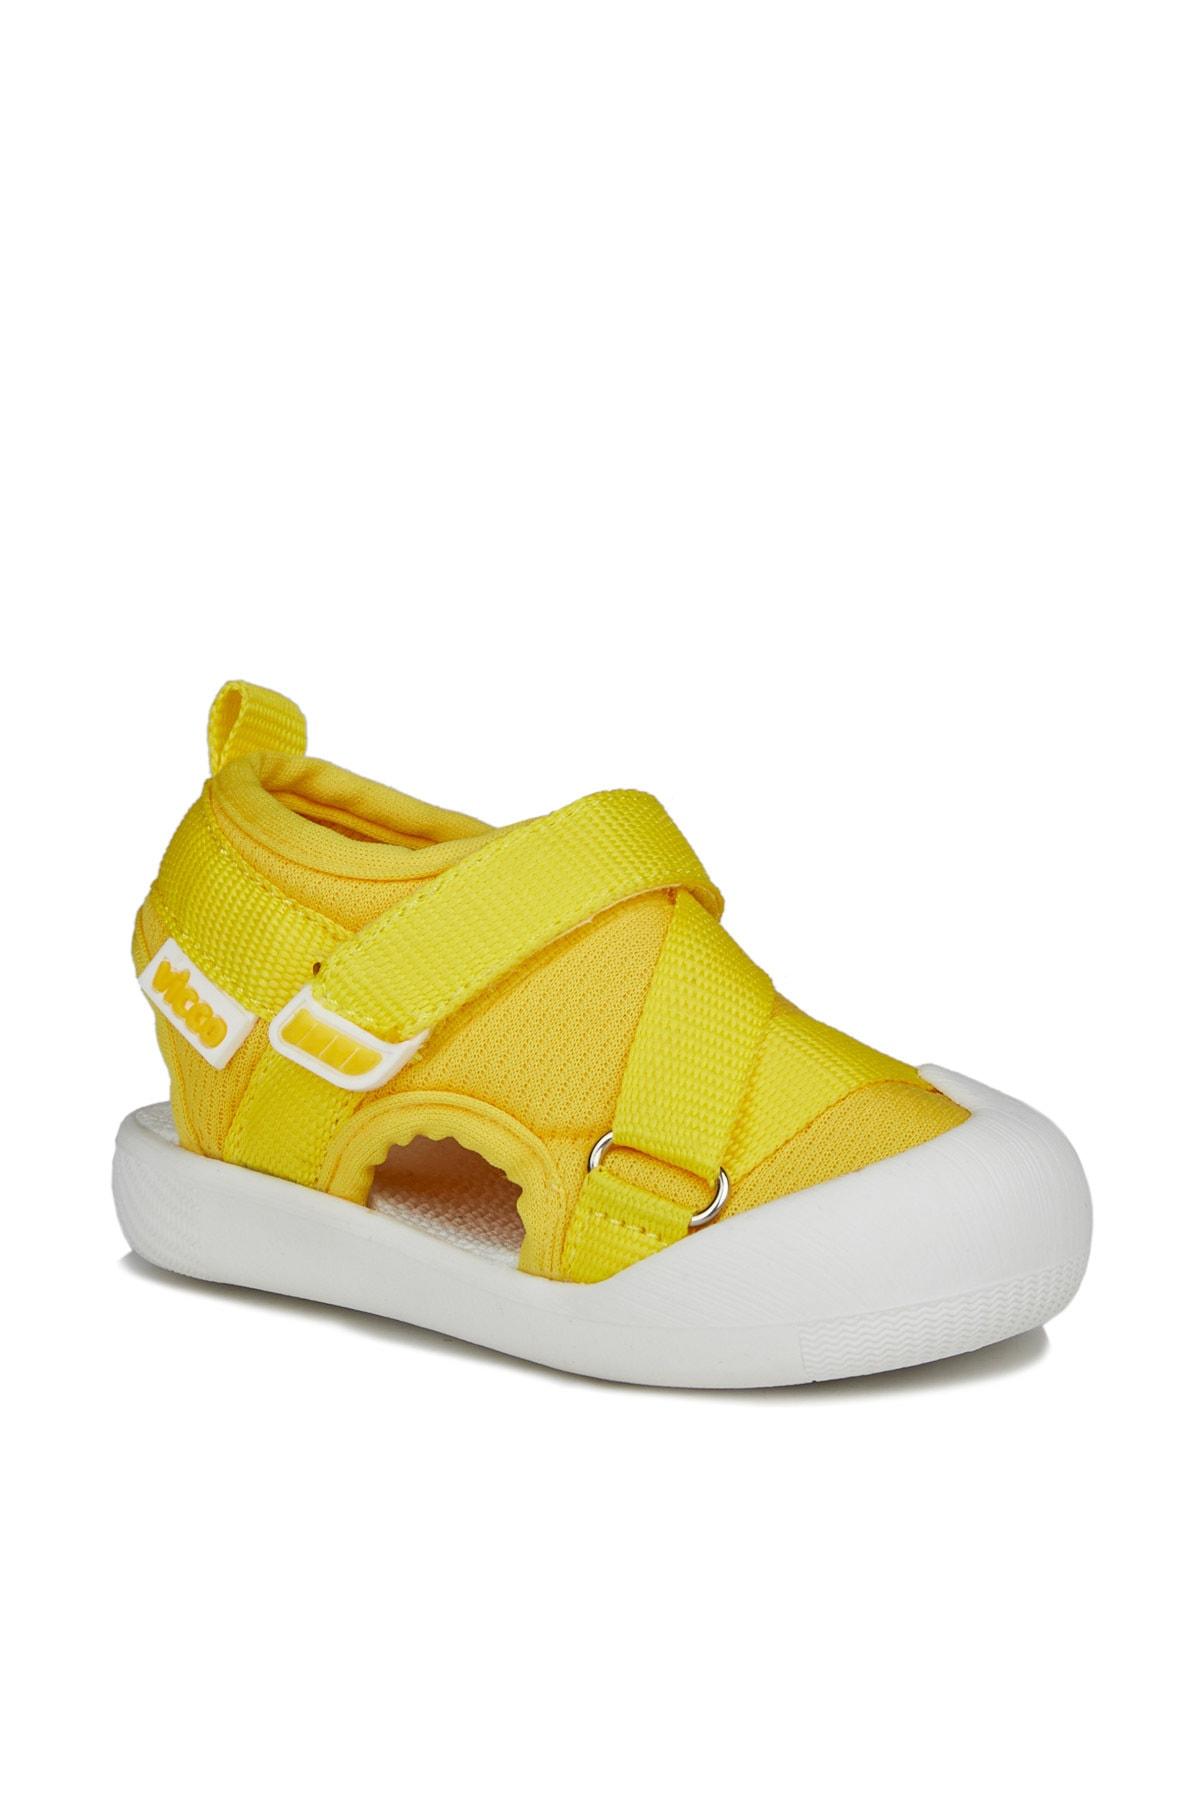 Lolipop Unisex Ilk Adım Sarı Sandalet